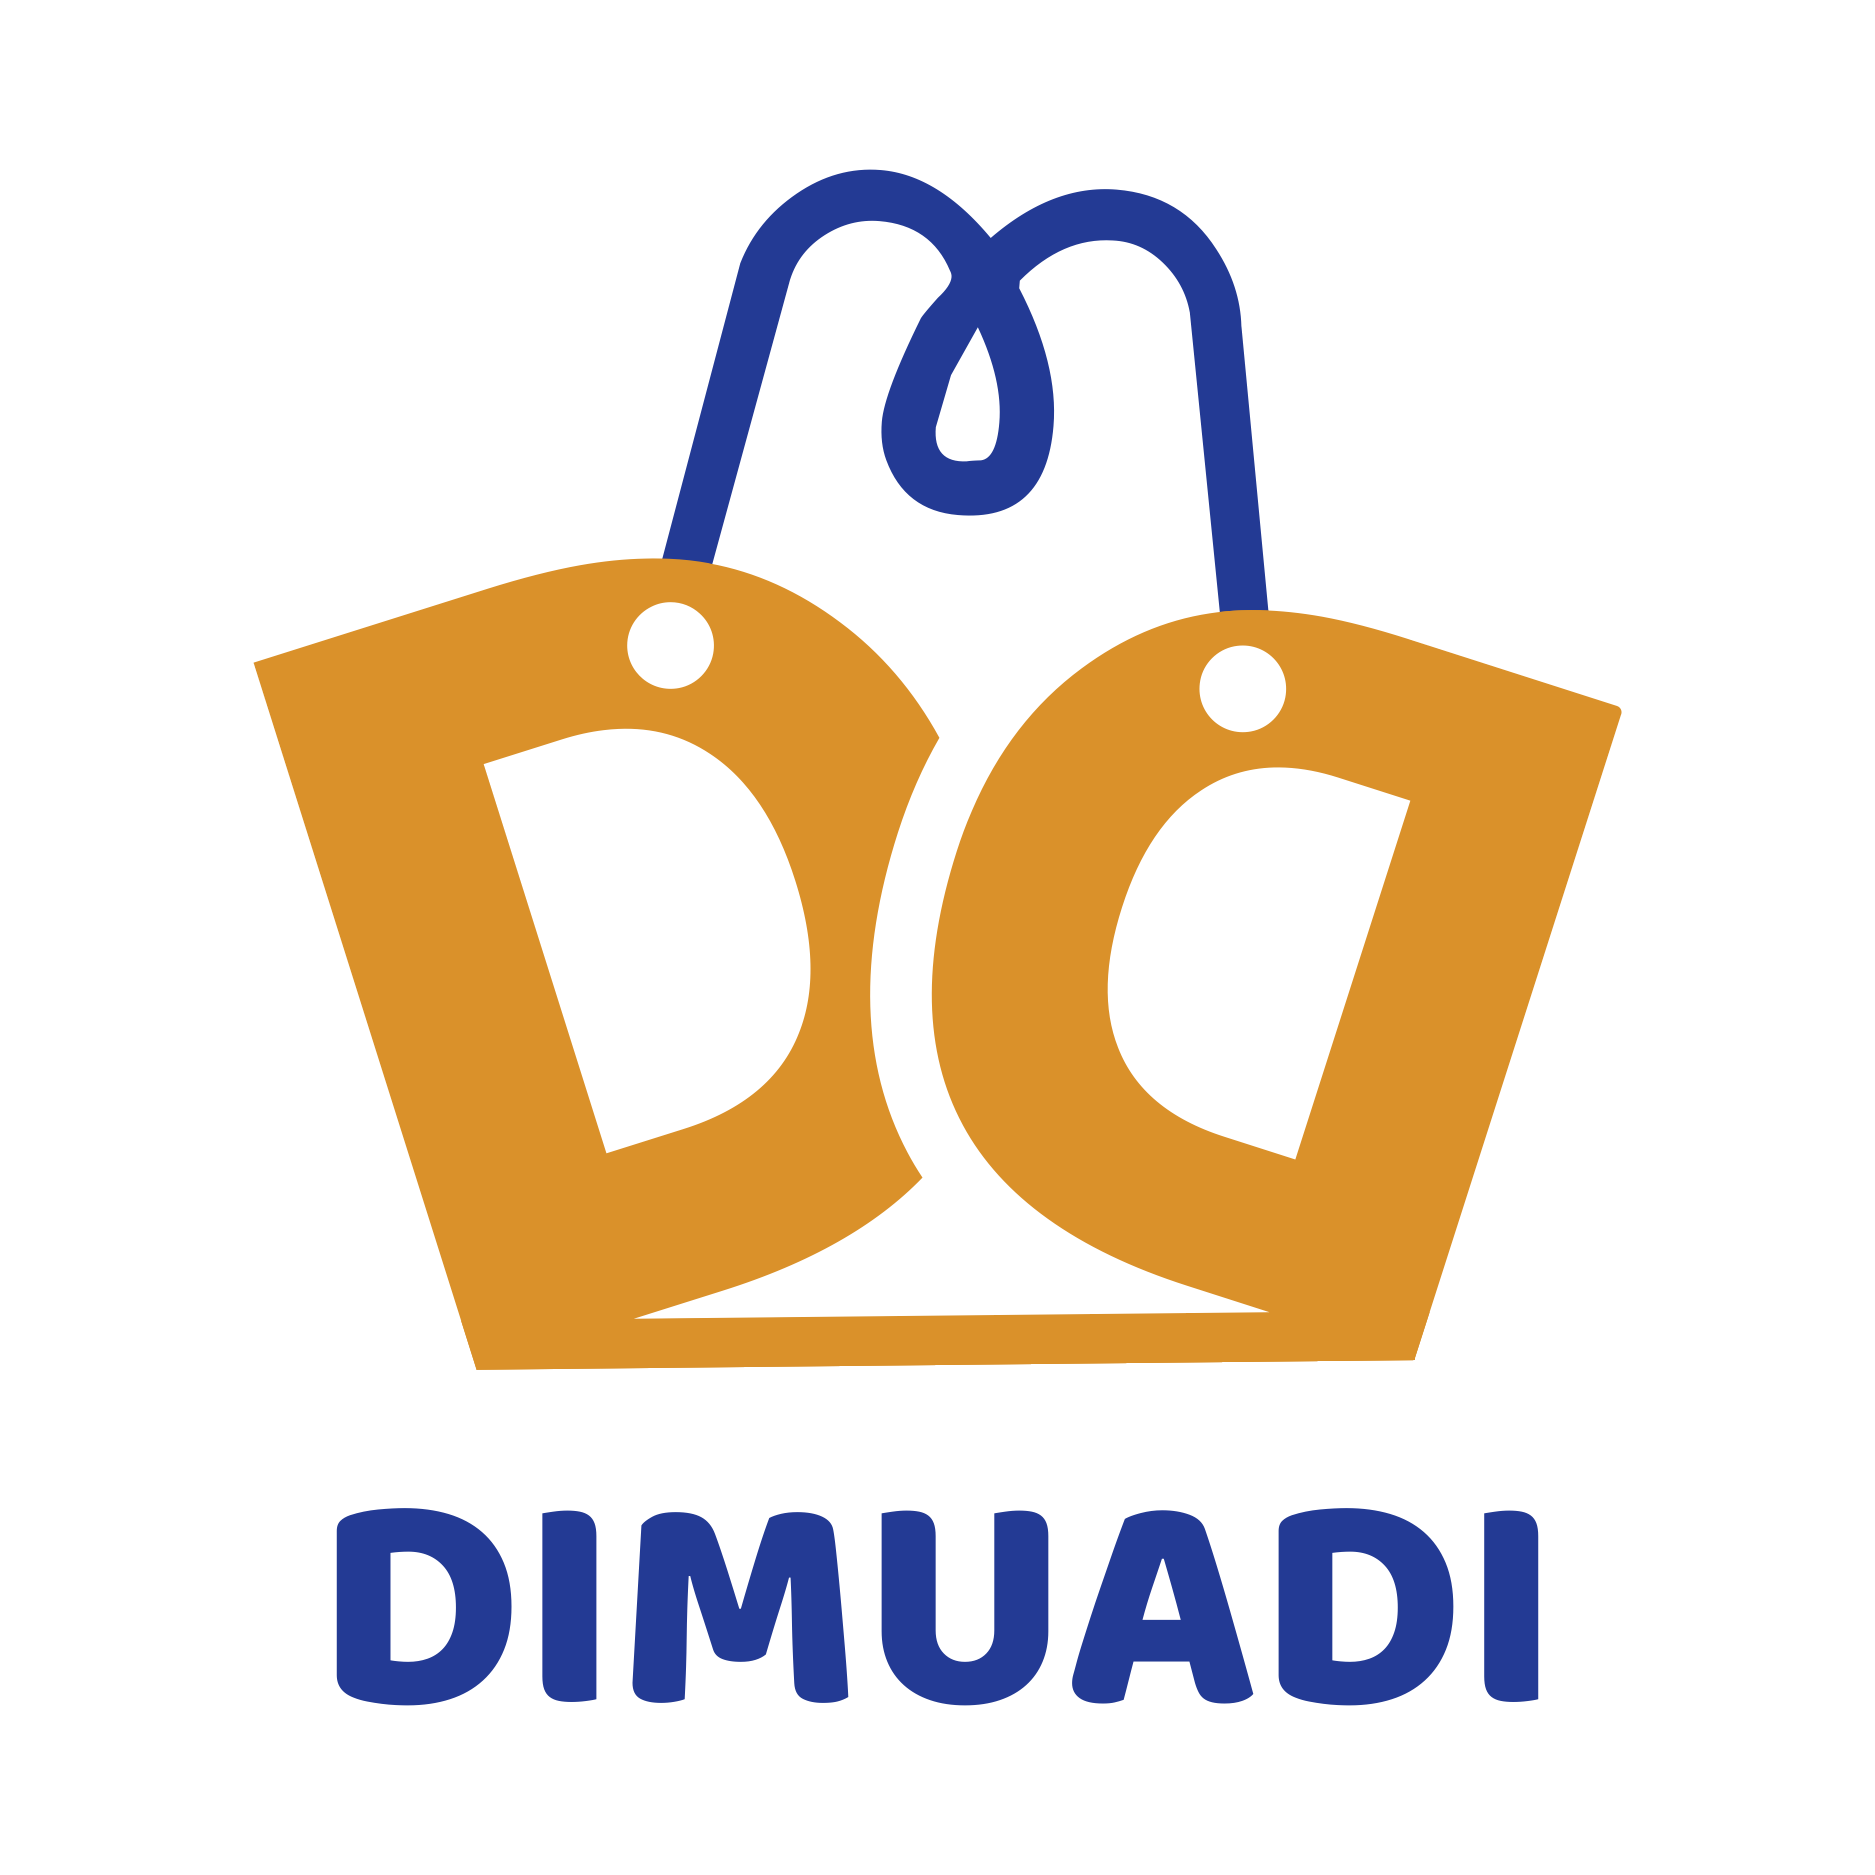 DiMuaDi